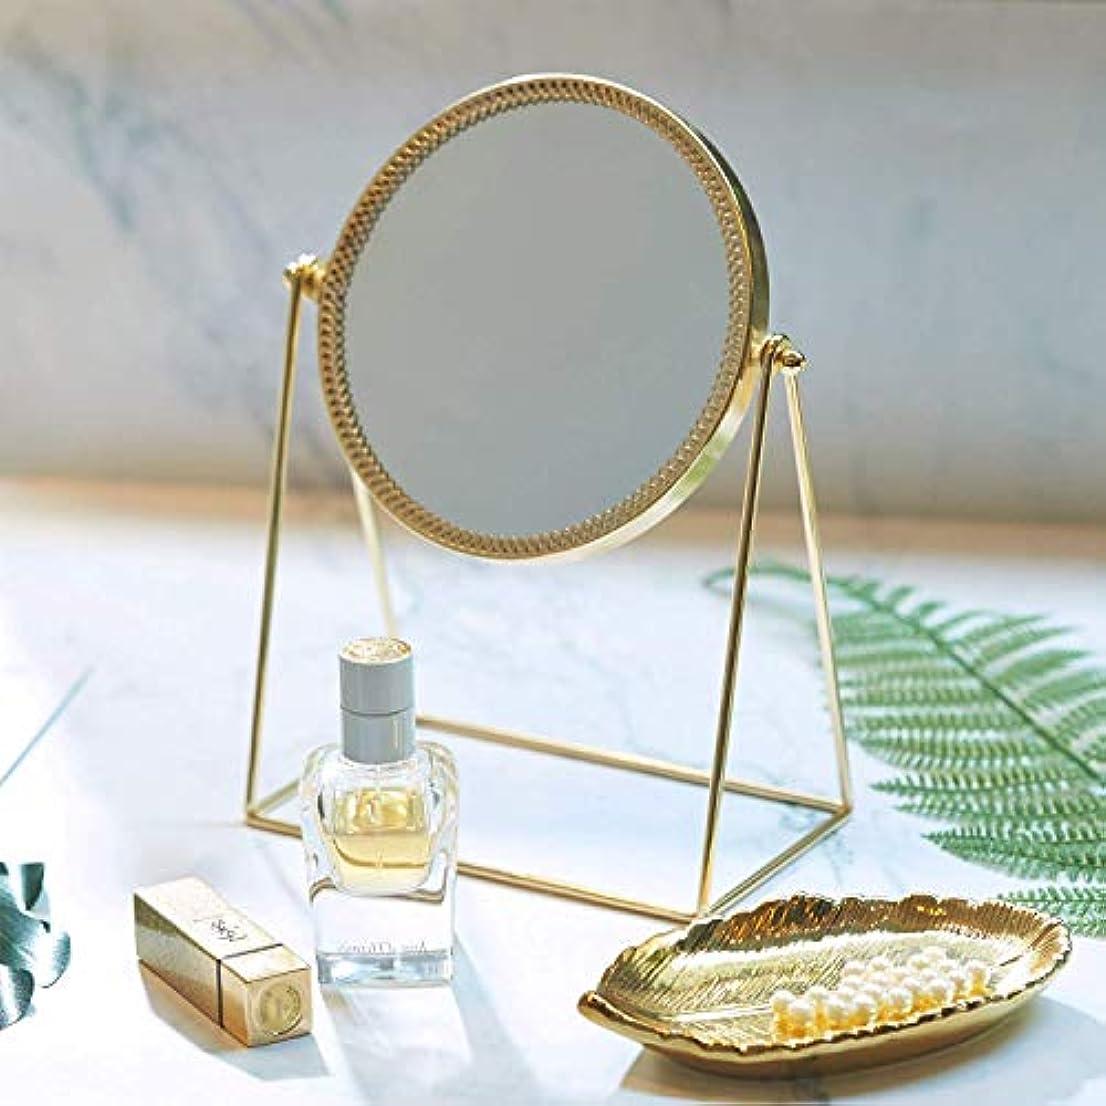 確保する秋イタリックMQQ シングル化粧鏡両面化粧鏡ヴィンテージ360°回転金属製テーブルミラーラウンド化粧鏡手作り化粧鏡ドレッサー化粧台用